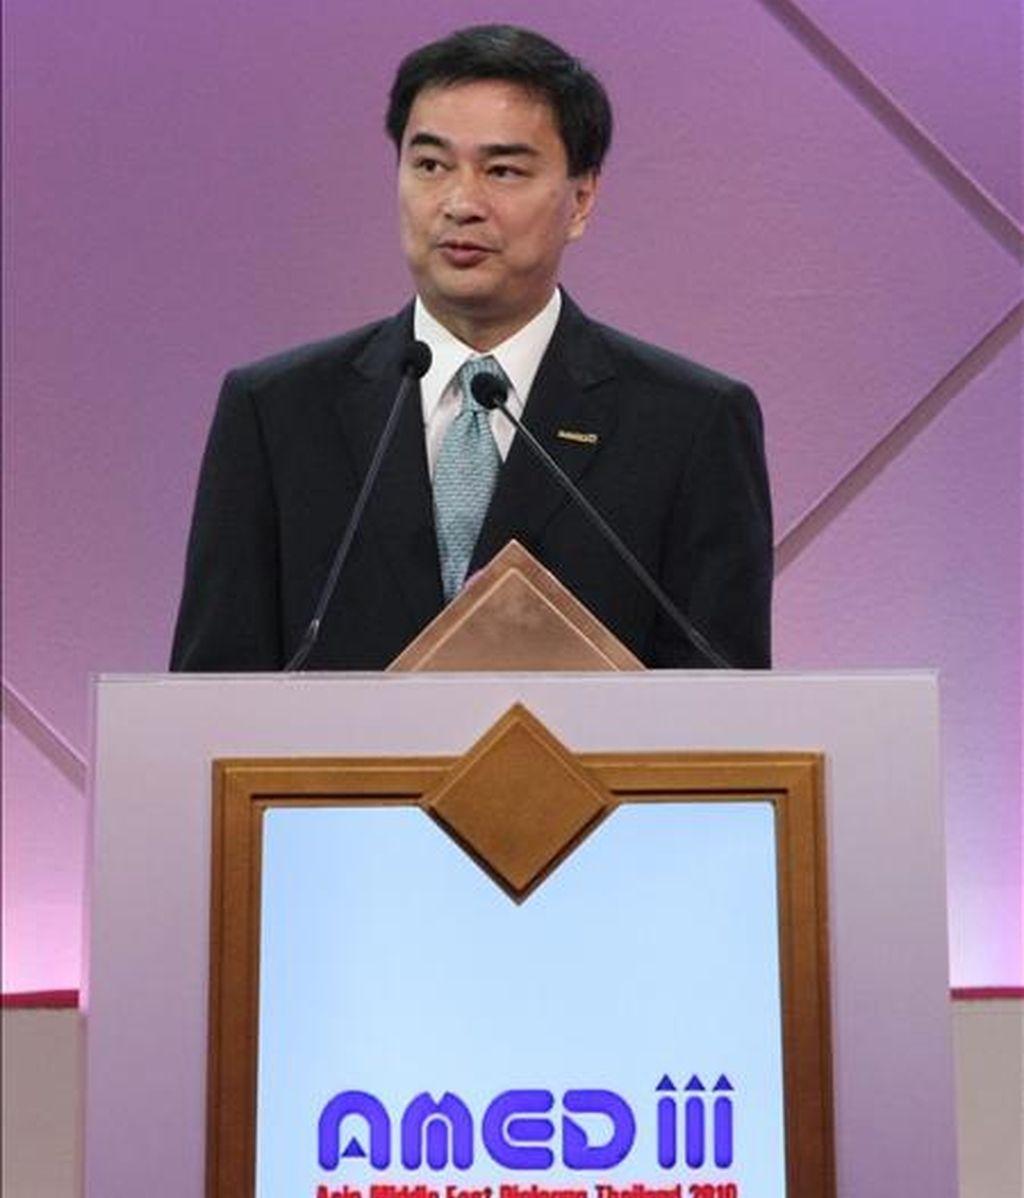 El primer ministro de Tailandia, Abhisit Vejjajiva. EFE/Archivo